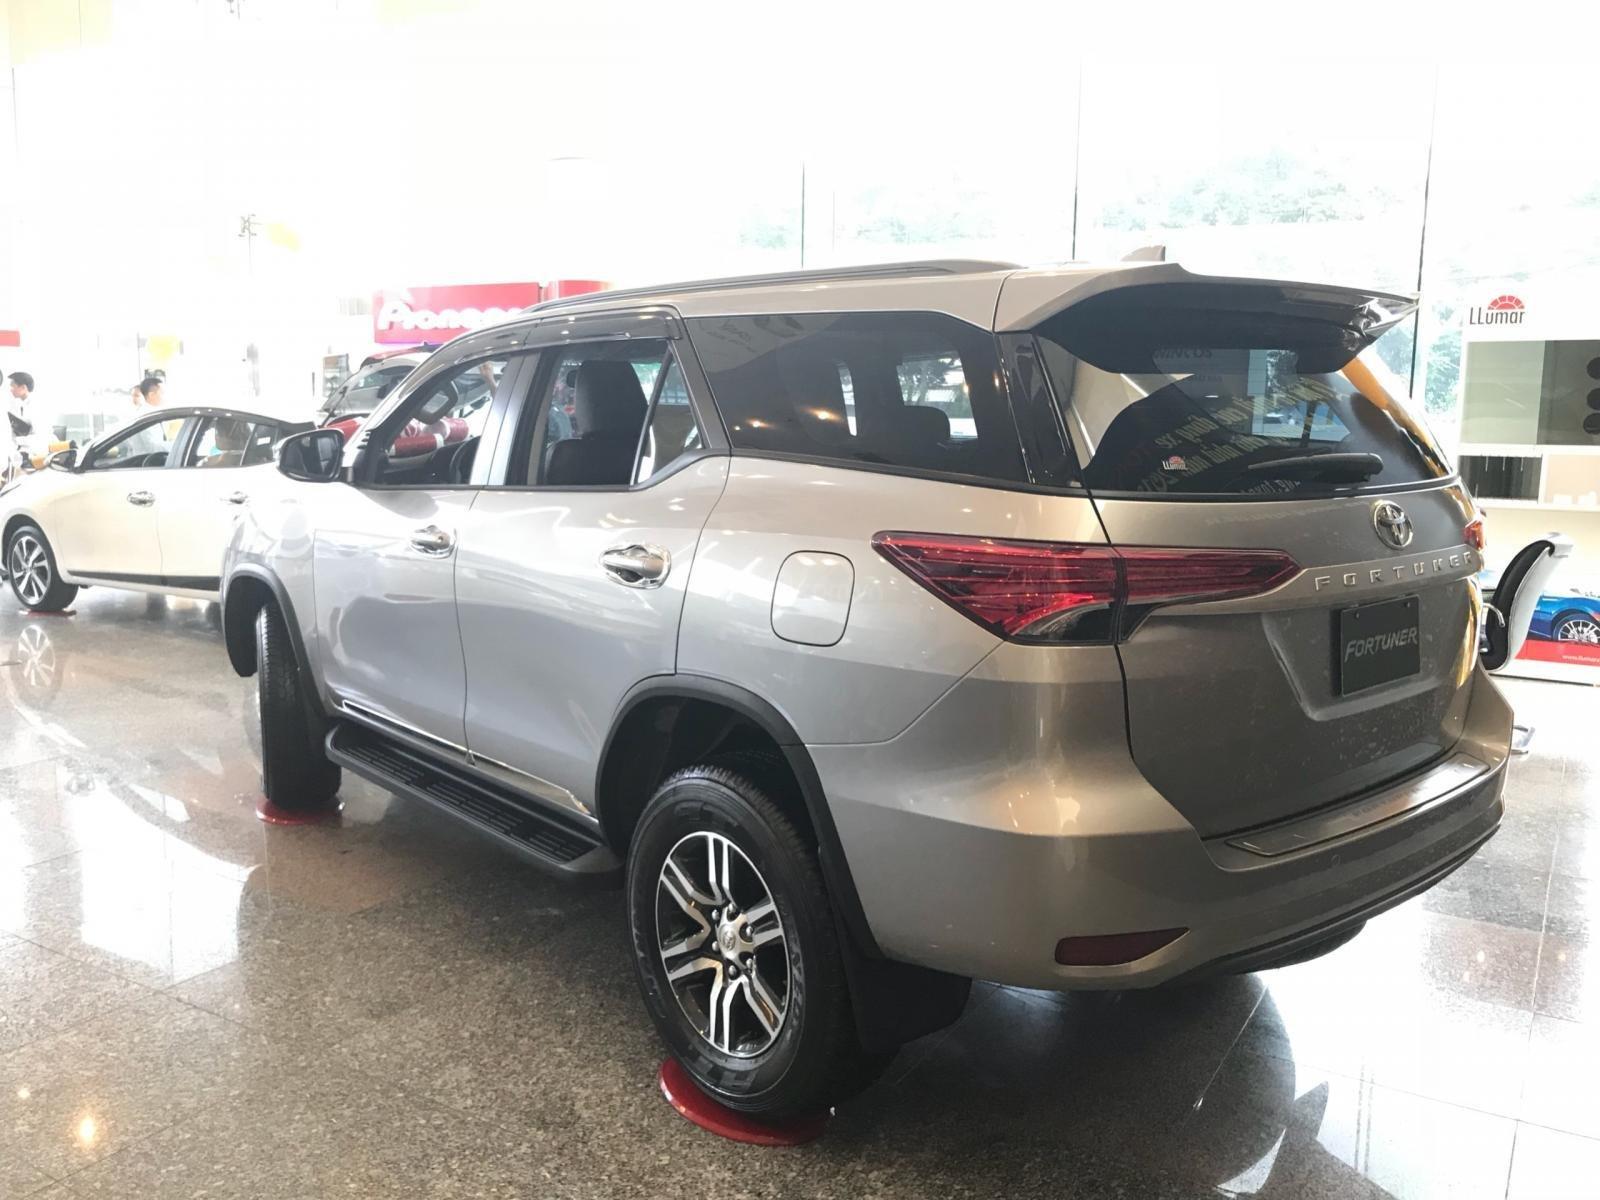 Toyota Tân Cảng bán Fortuner 2.4G máy dầu, số sàn, chỉ 280tr nhận xe ngay, đủ màu - LH 0933000600 (6)